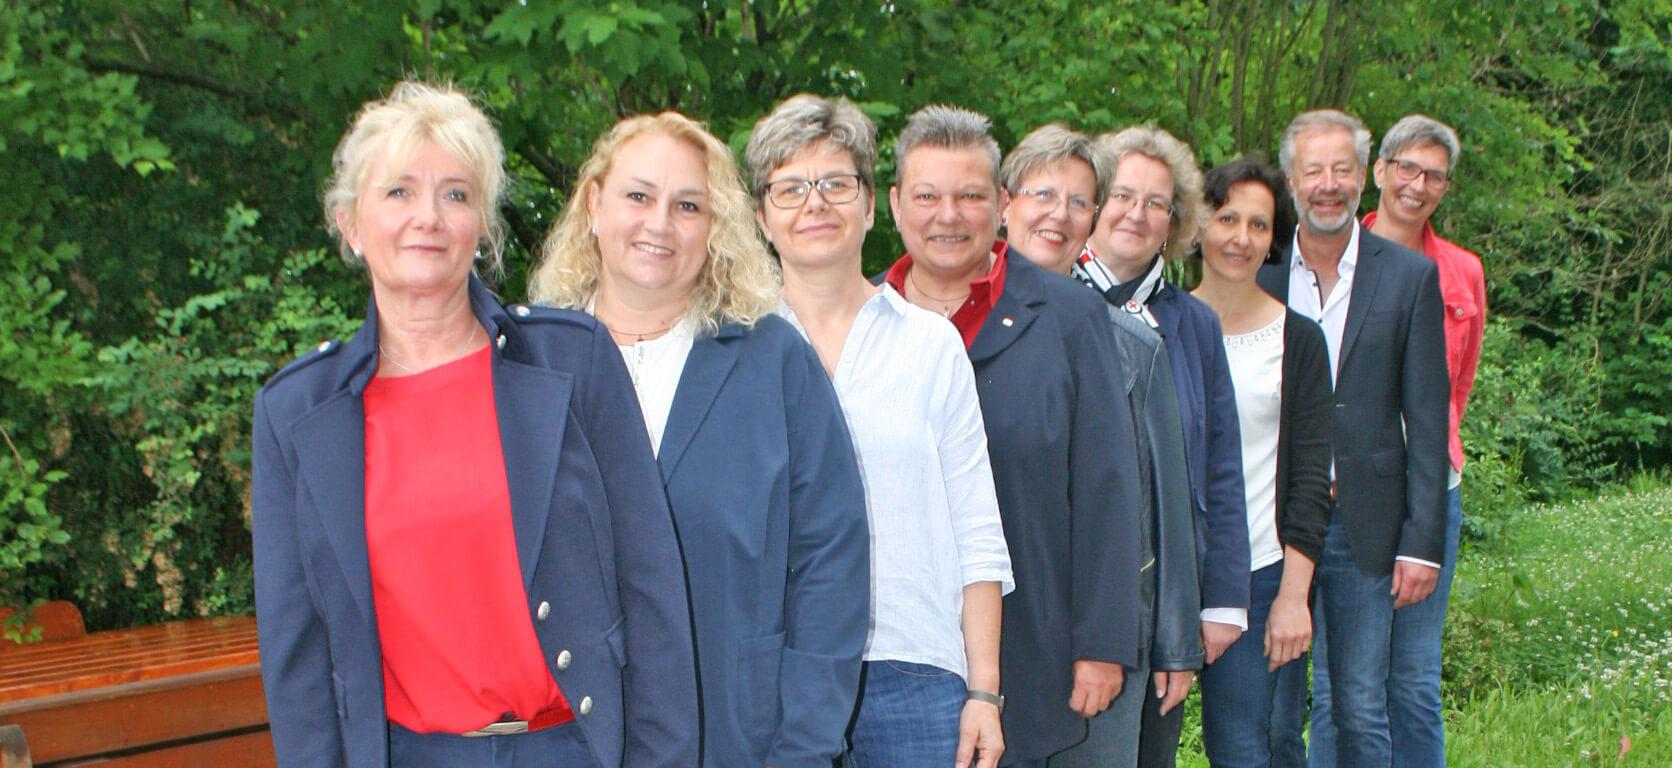 Das Team der Berufsschule für Pflegeberufe am Klinikum Kulmbach